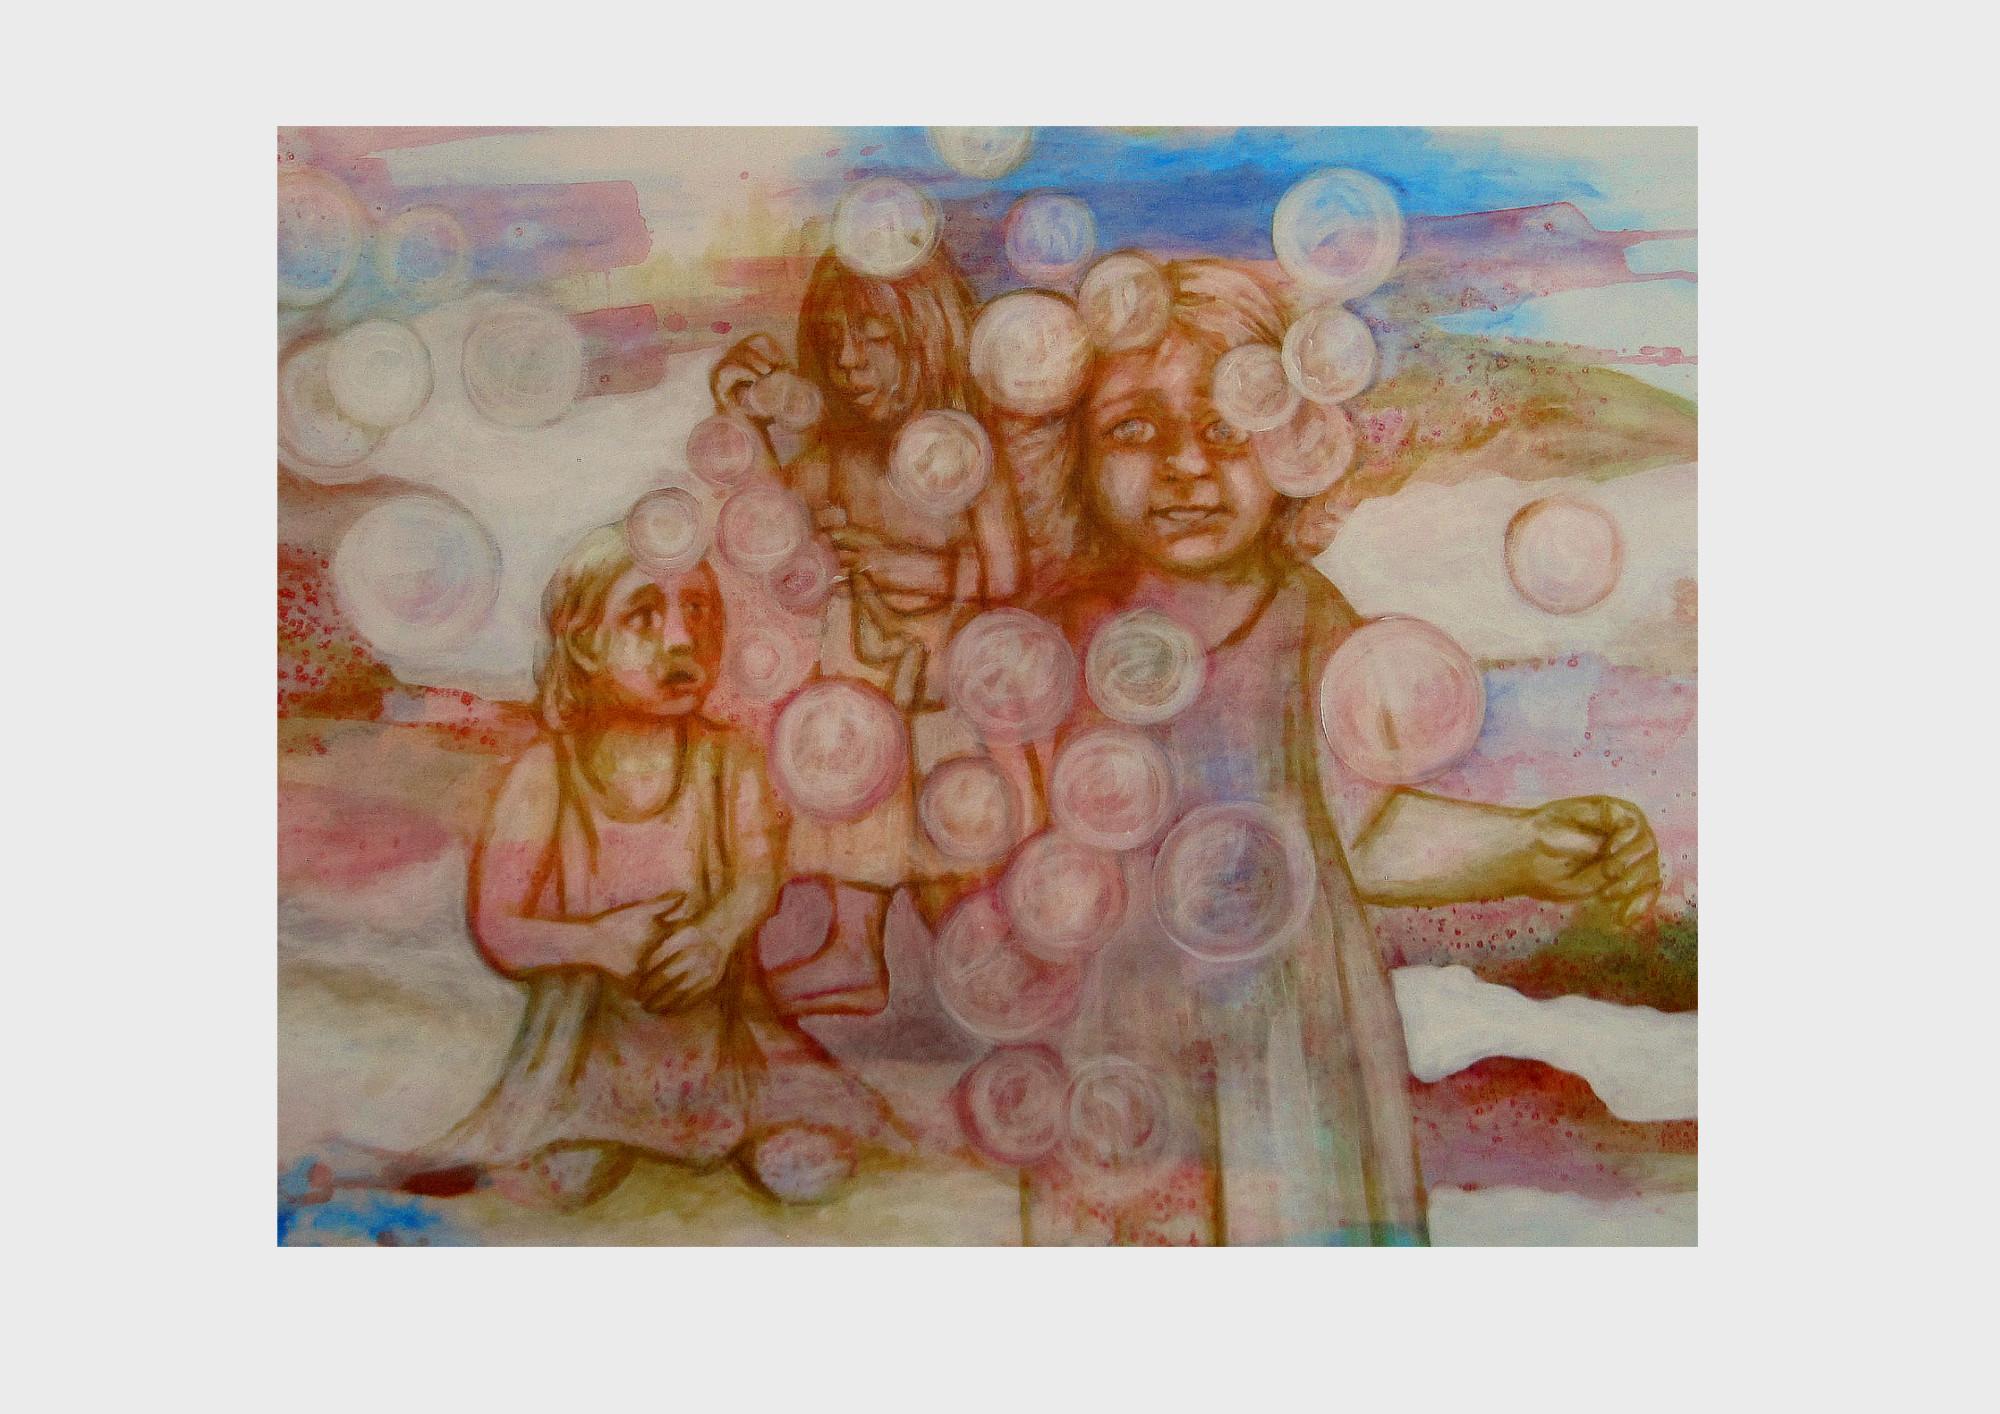 Kinder mit Seifenblasen. Die Gedanken der Mädchen werden zu leichten Seifenblasen, die durch den Wolkenhimmel fliegen.